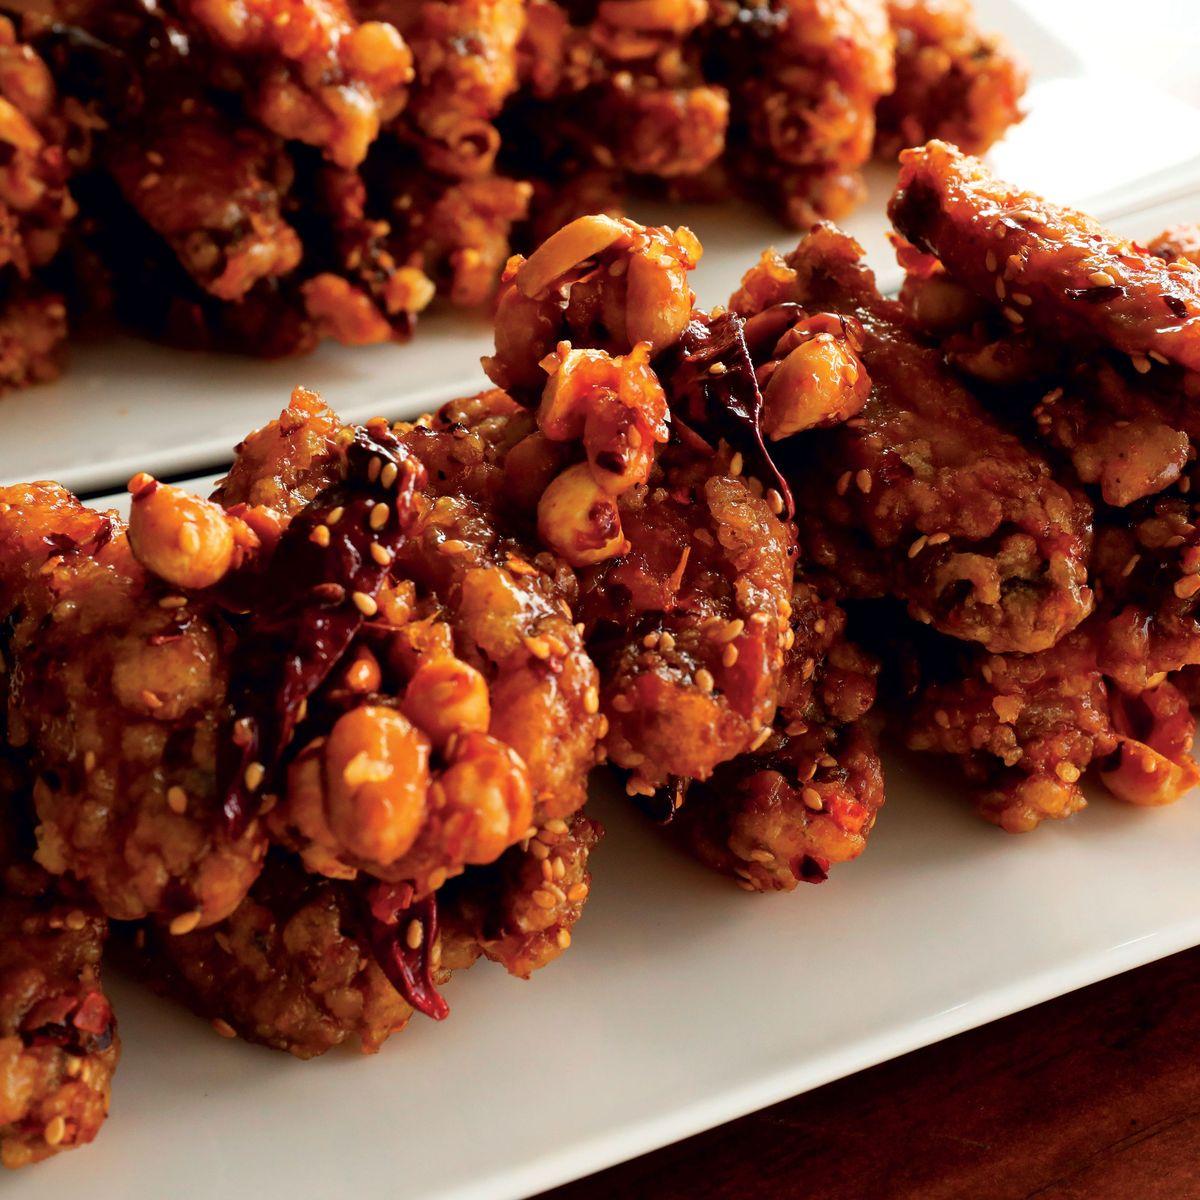 Best Korean Fried Chicken Recipe How To Make Crispy Fried Chicken